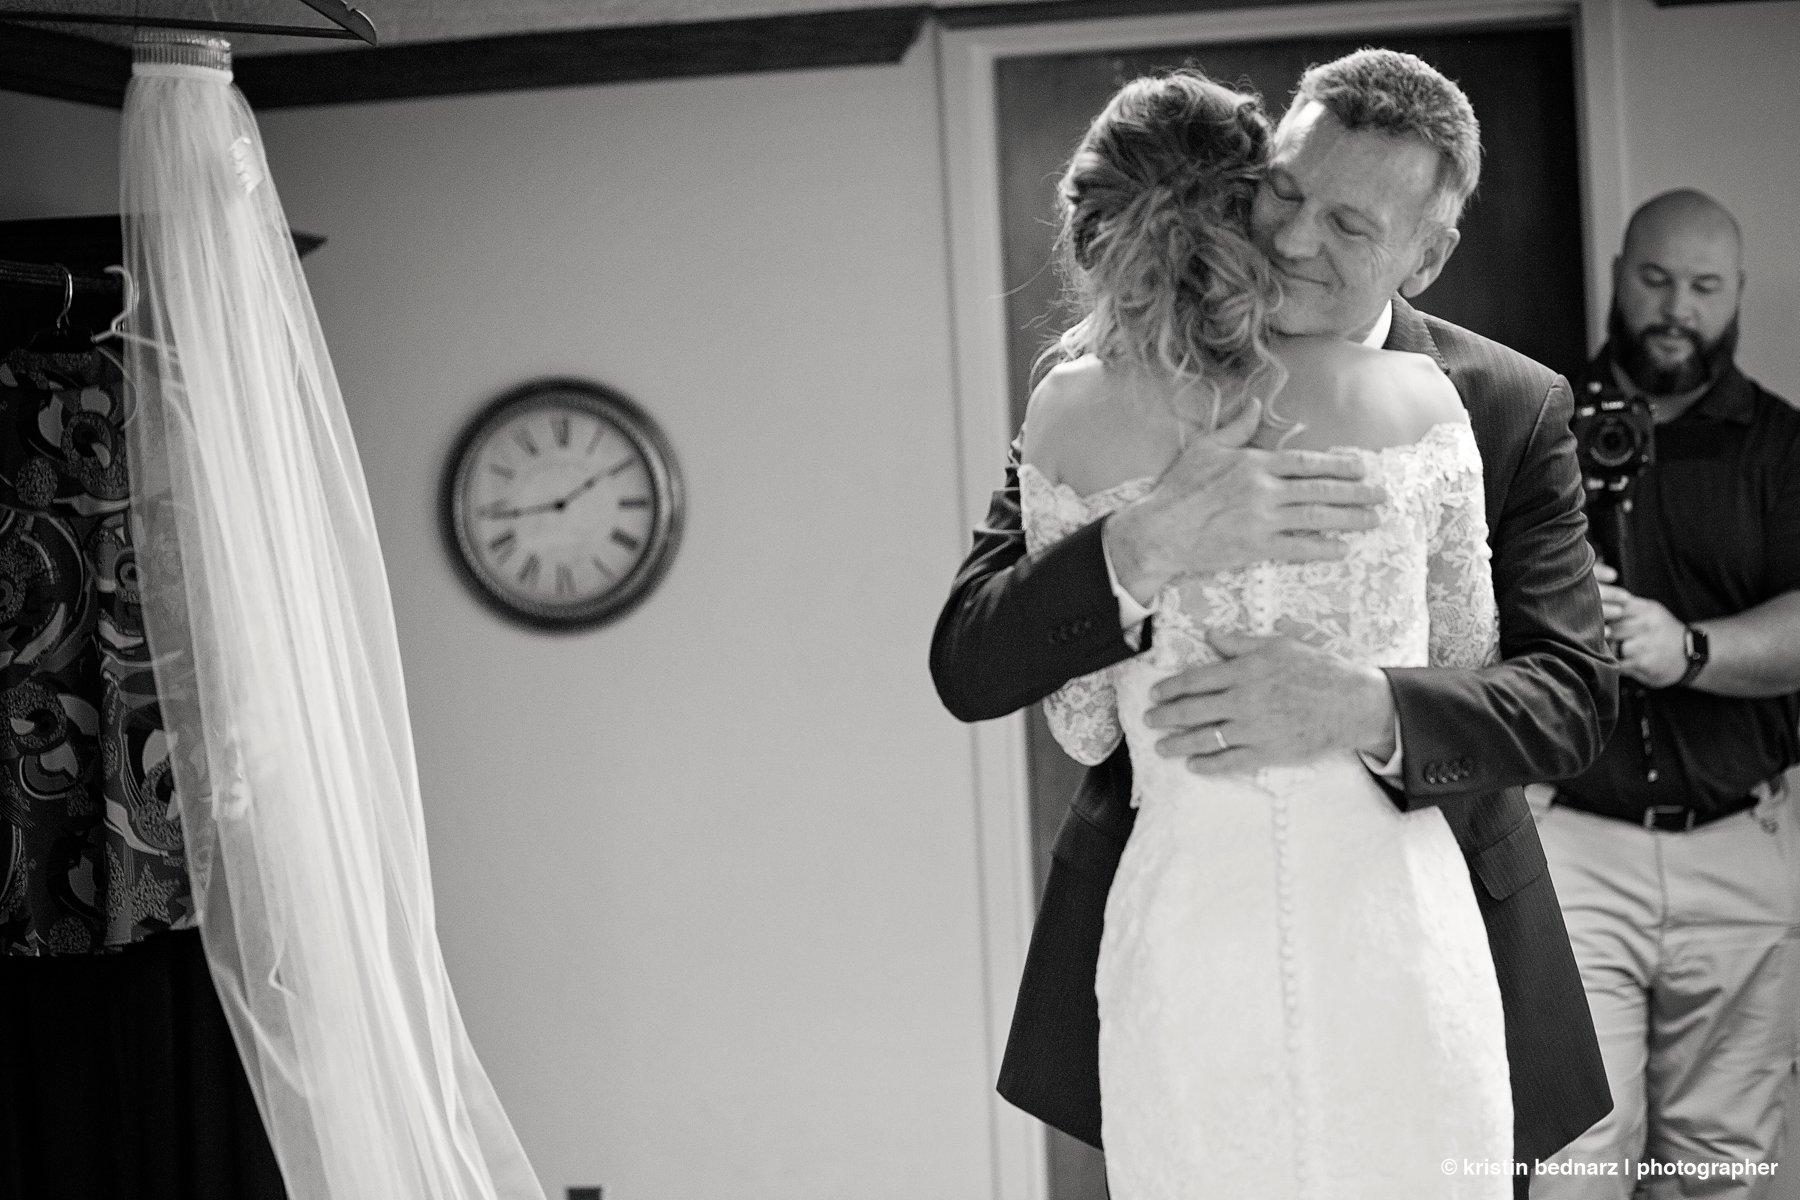 Krisitin_Bednarz_Lubbock_Wedding_Photographer_20180602_0047.JPG